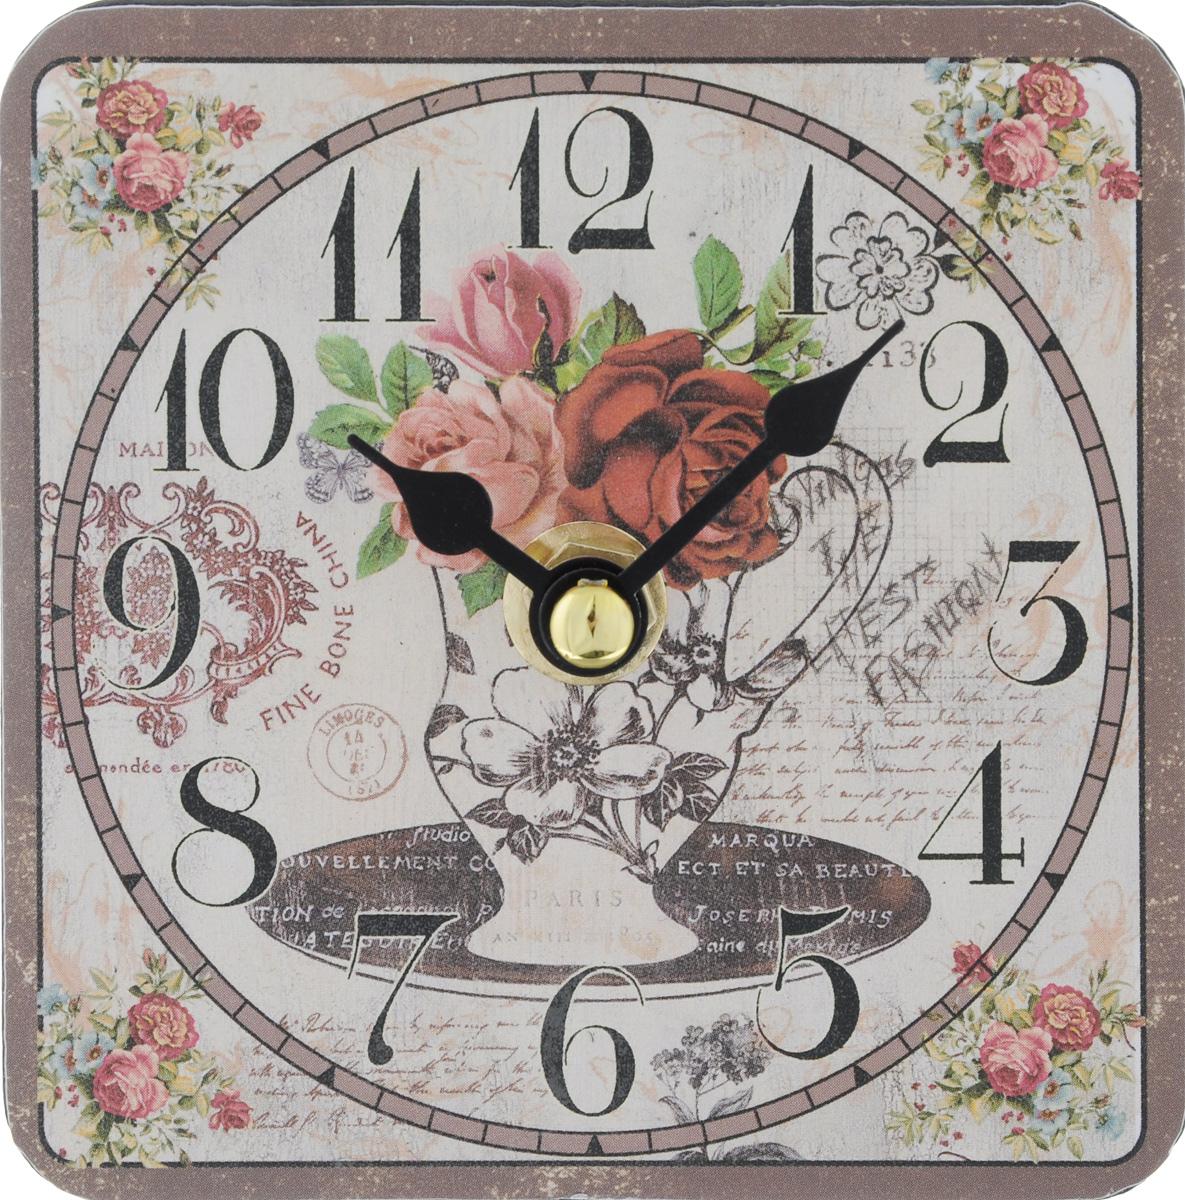 Часы настольные Феникс-Презент Ваза с цветами, 10 х 10 см40727Настольные часы квадратной формы Феникс-Презент Ваза с цветами своим эксклюзивным дизайном подчеркнут оригинальность интерьера вашего дома. Циферблат оформлен изображением вазы с цветами. Часы выполнены из МДФ. МДФ (мелкодисперсные фракции) представляет собой плиту из запрессованной вакуумным способом деревянной пыли и является наиболее экологически чистым материалом среди себе подобных. Часы имеют две стрелки - часовую и минутную. Настольные часы Феникс-Презент Ваза с цветами подходят для кухни, гостиной, прихожей или дачи, а также могут стать отличным подарком для друзей и близких. ВНИМАНИЕ!!! Часы работают от сменной батареи типа АА 1,5V (в комплект не входит).